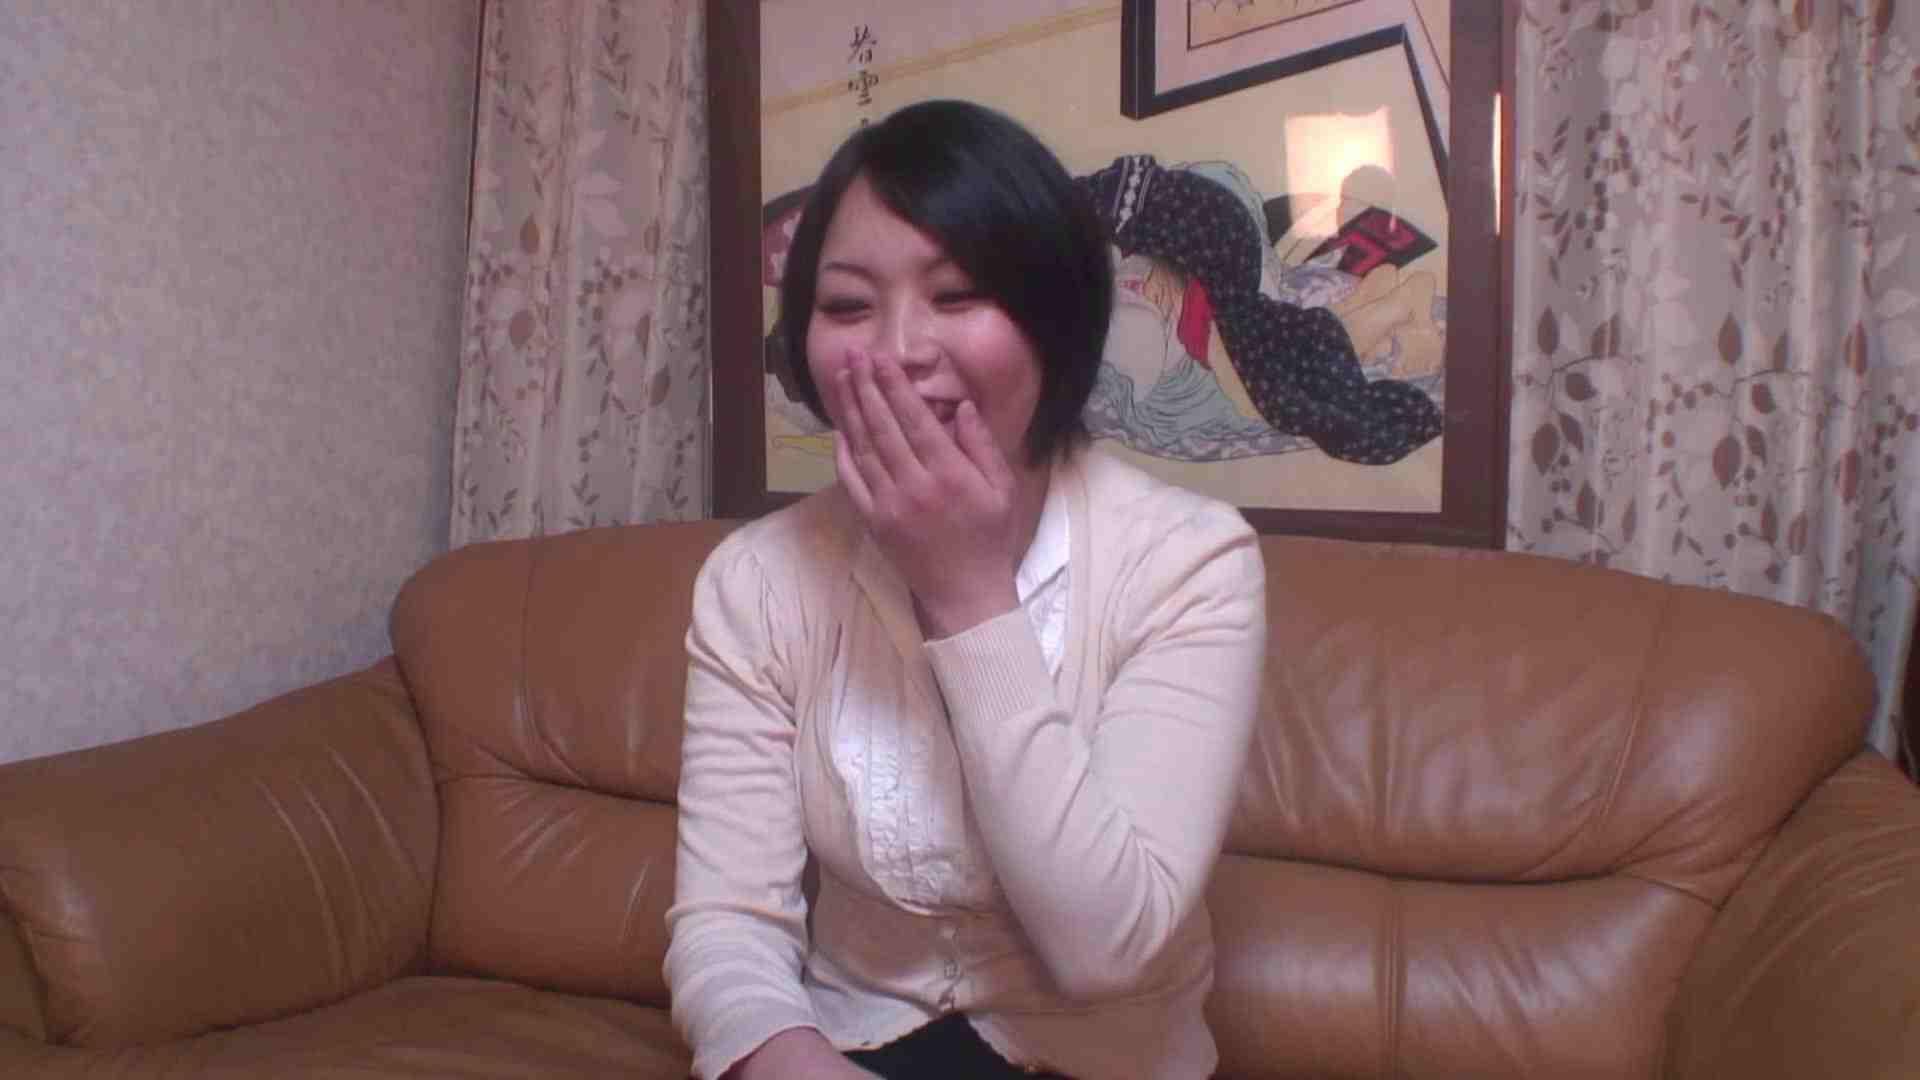 鬼才沖本監督 軽い気持ちで来てしまった女 フェラ動画 | セックス  109画像 1